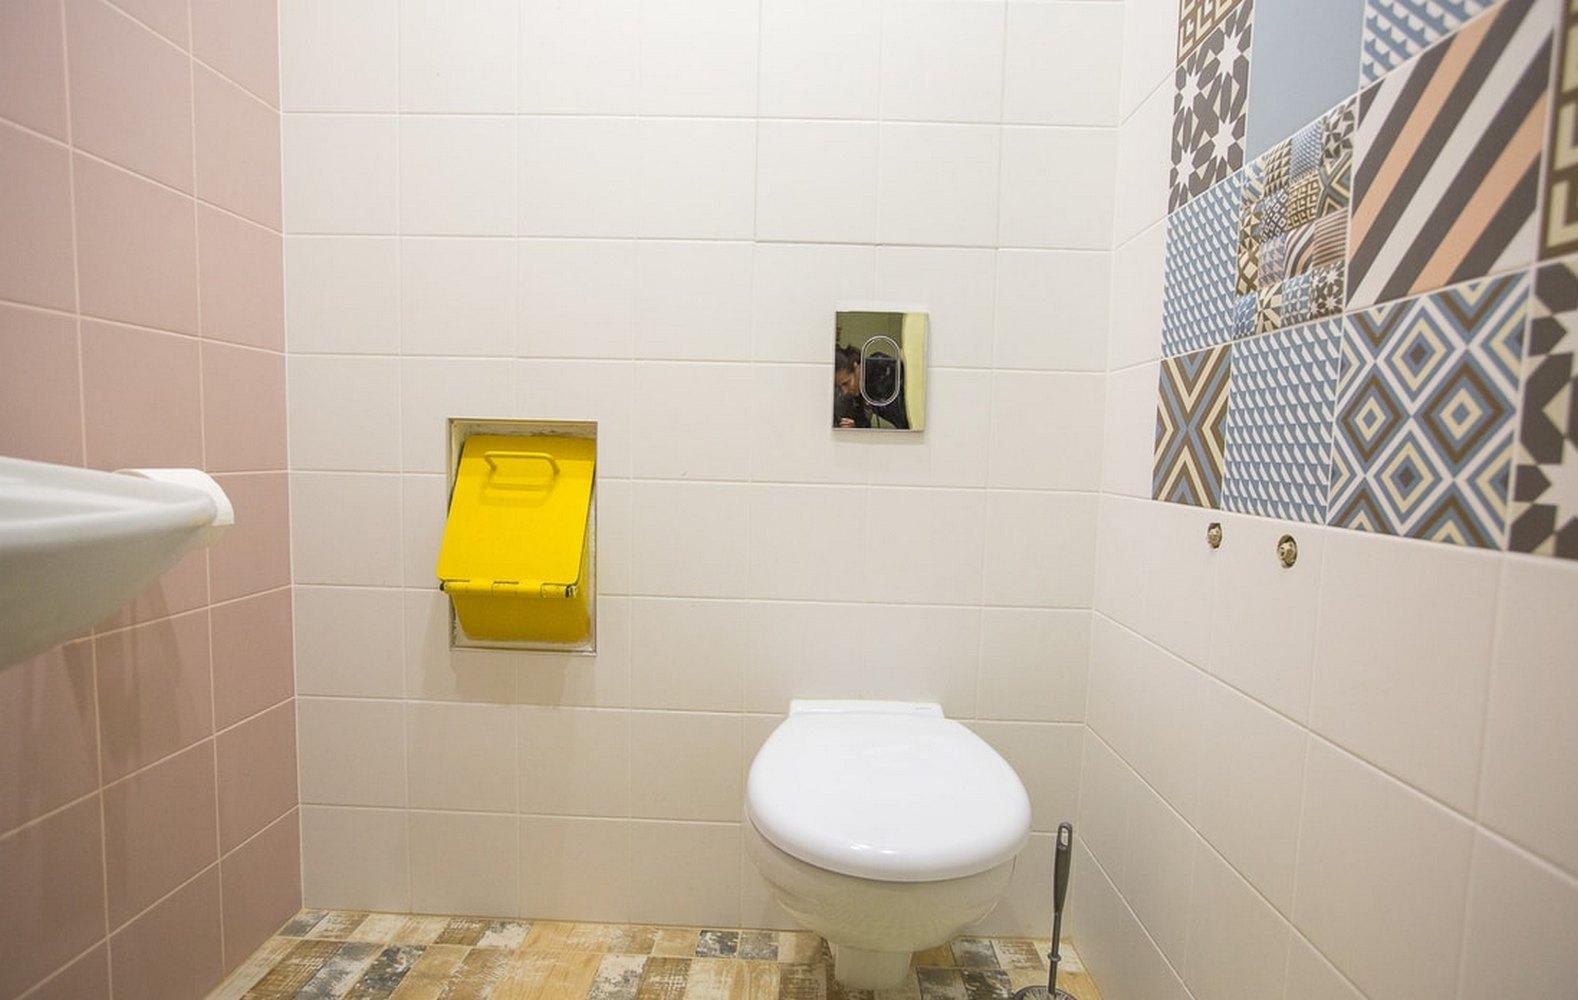 мусоропровод в туалете